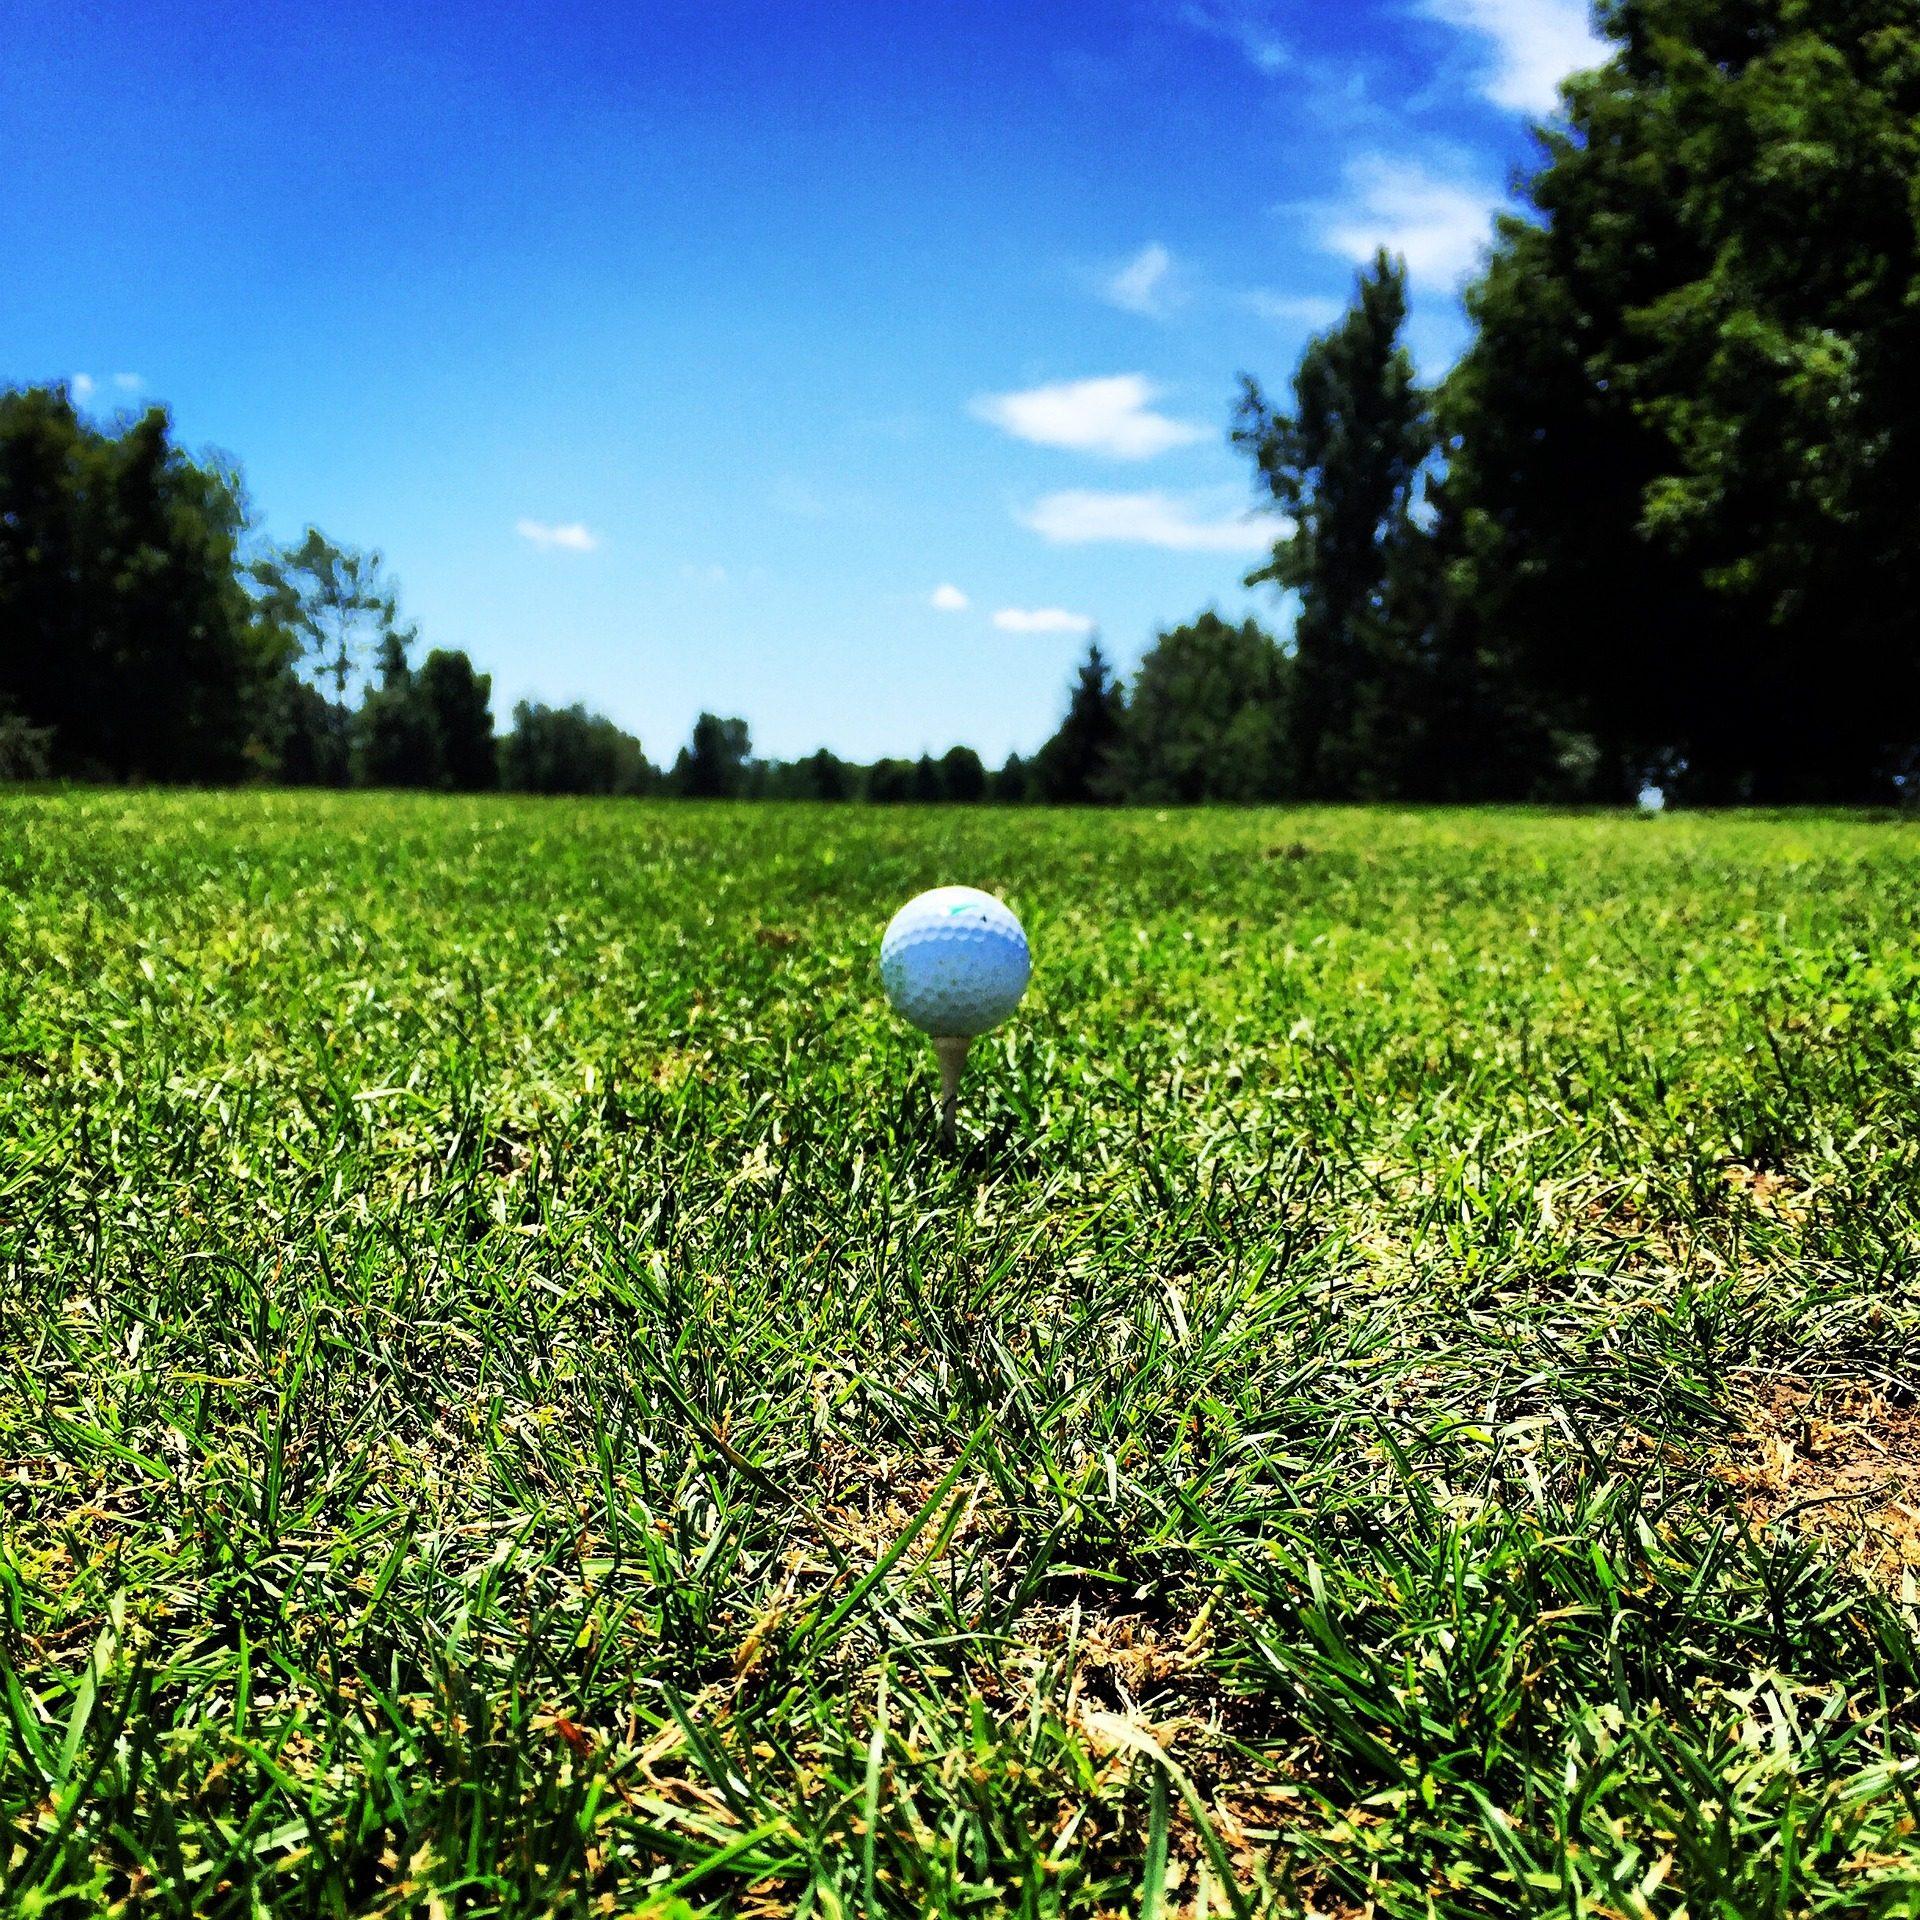 pelota, мяч, поле, Гольф, газон, деревья - Обои HD - Профессор falken.com